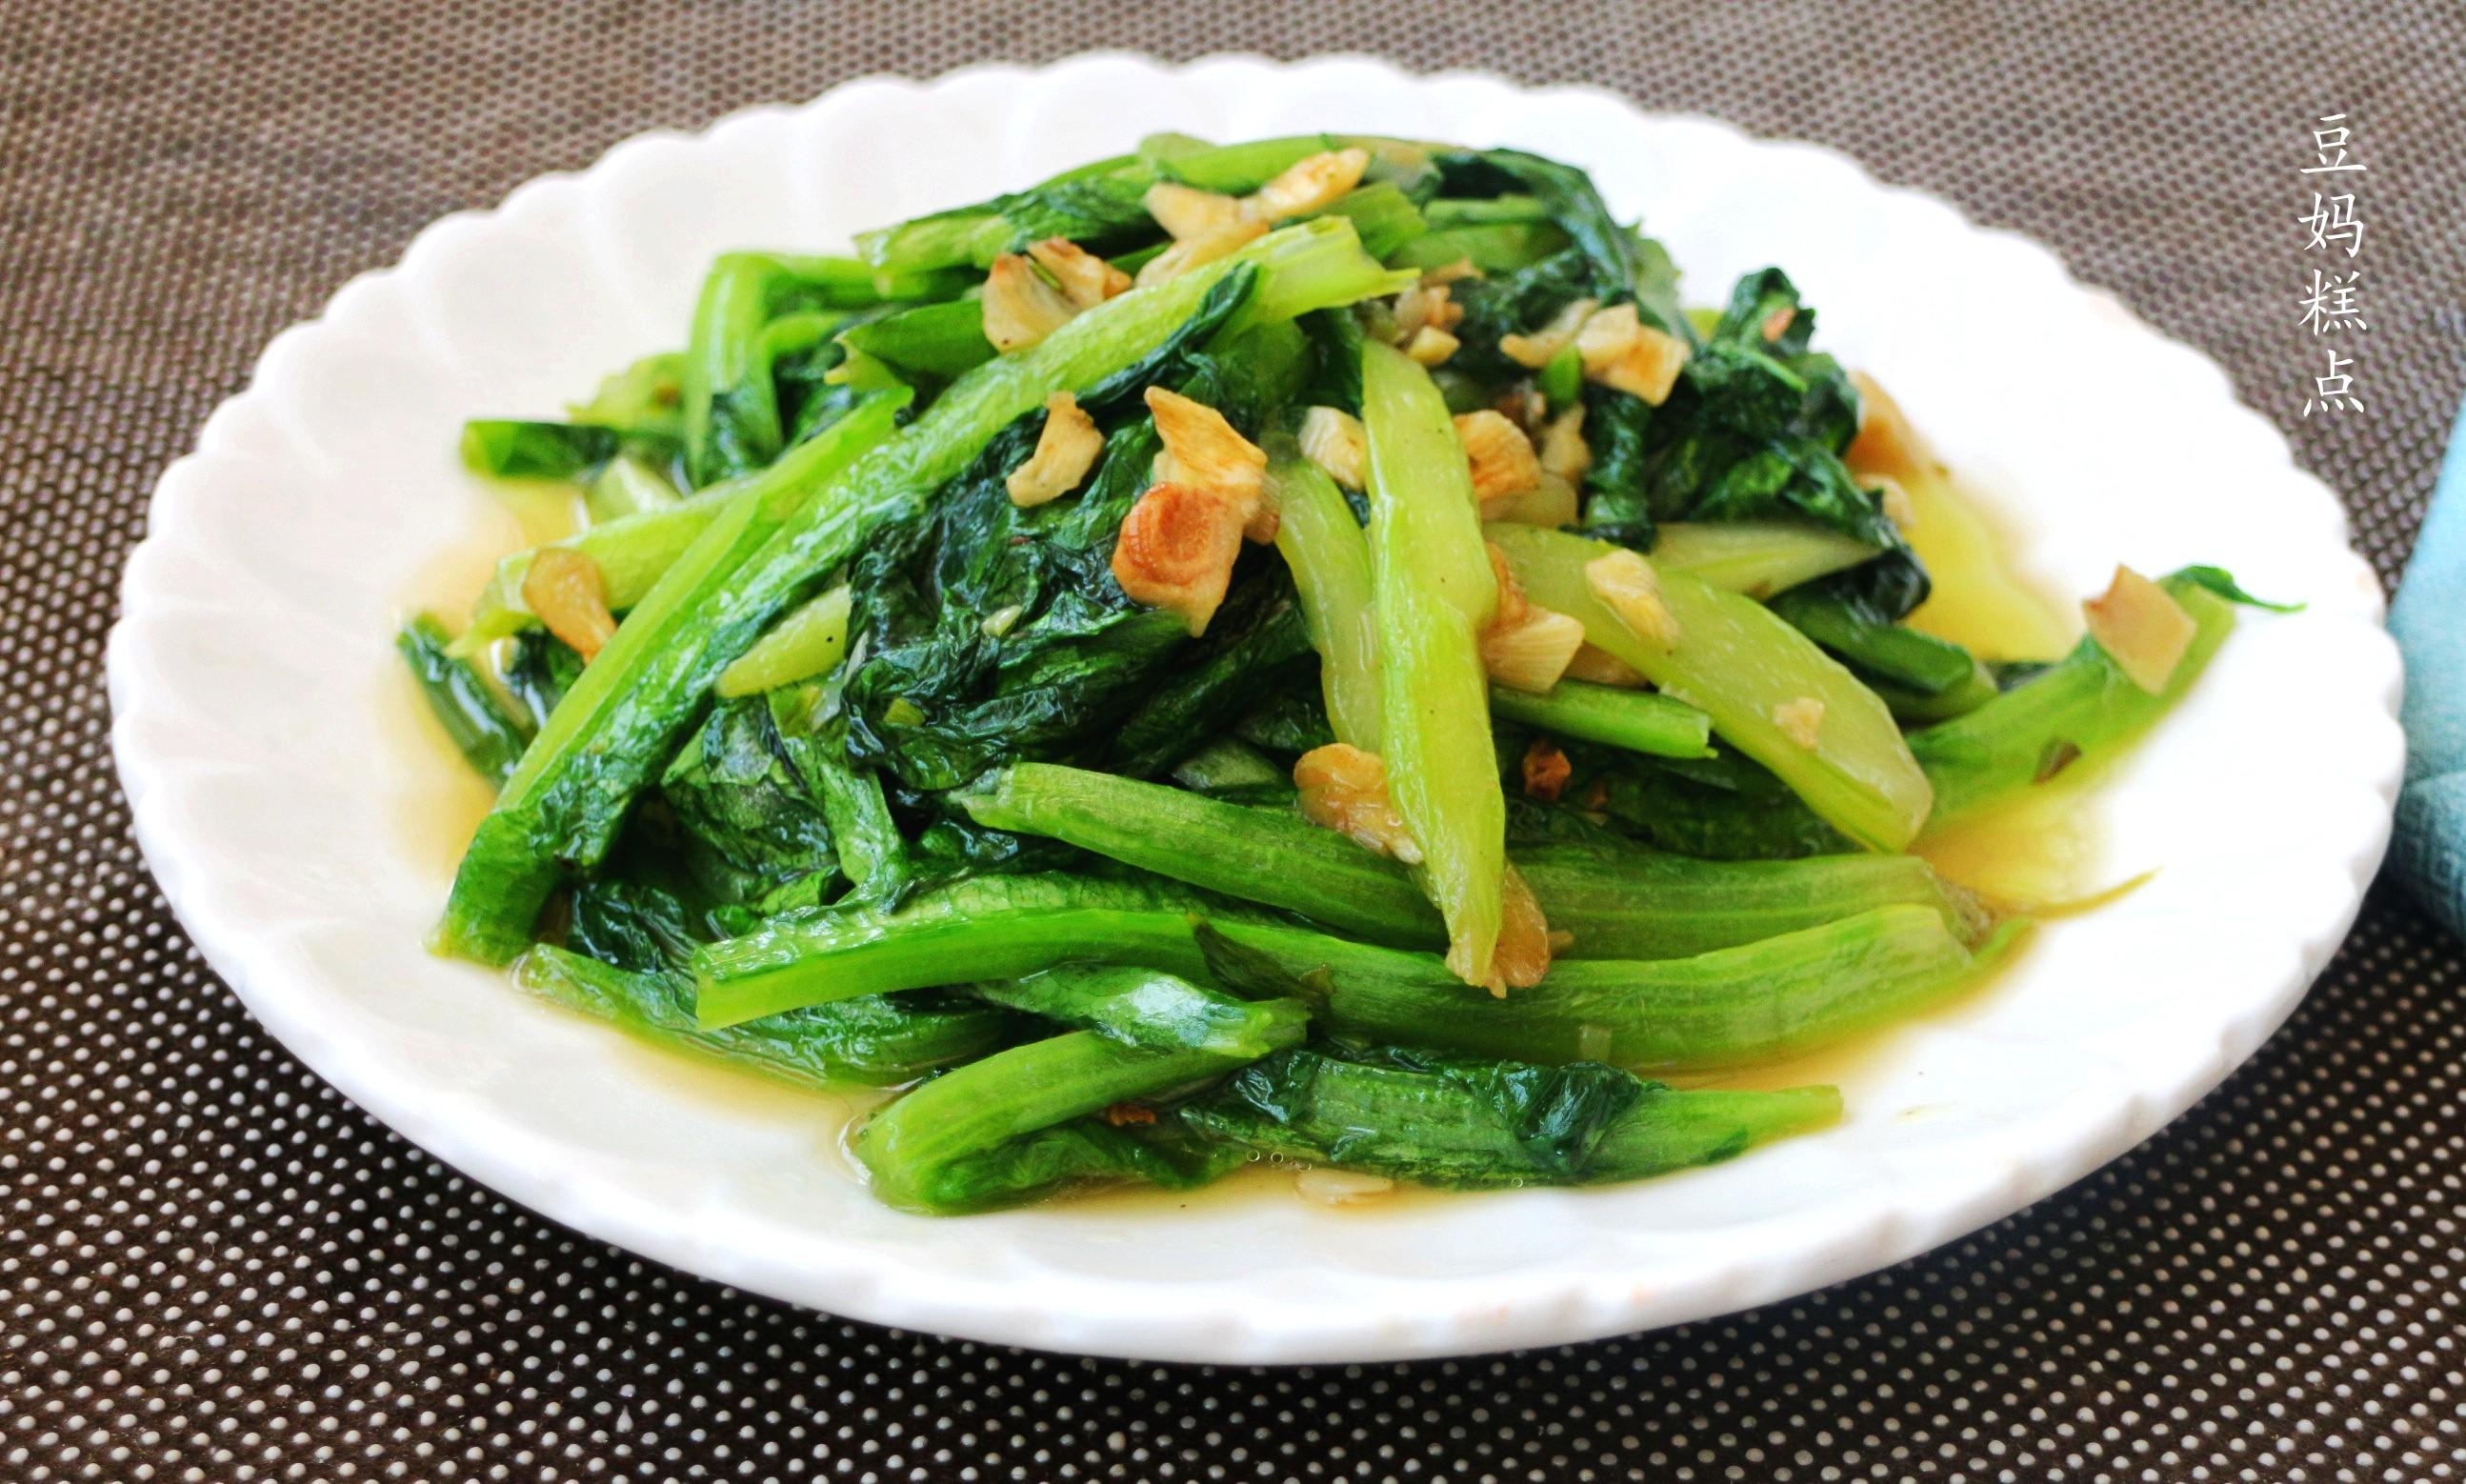 家常素小炒,节后清肠减肥必备 减肥菜谱 第8张